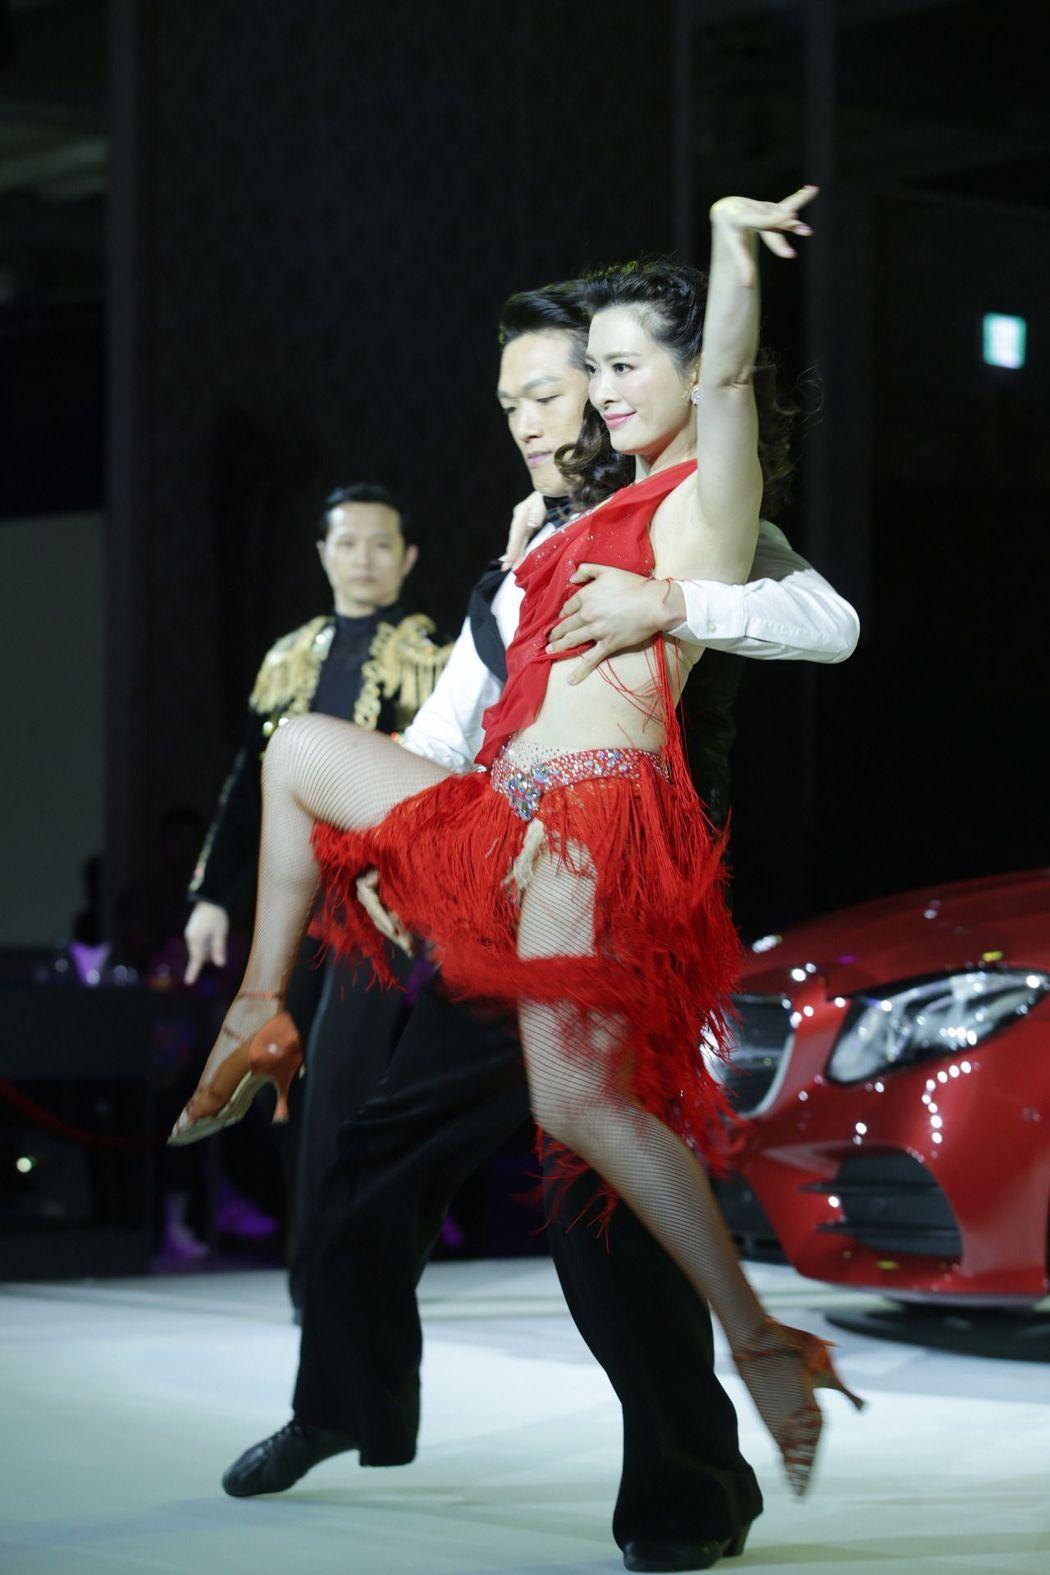 劉真出席新車上市活動。記者陳瑞源/攝影